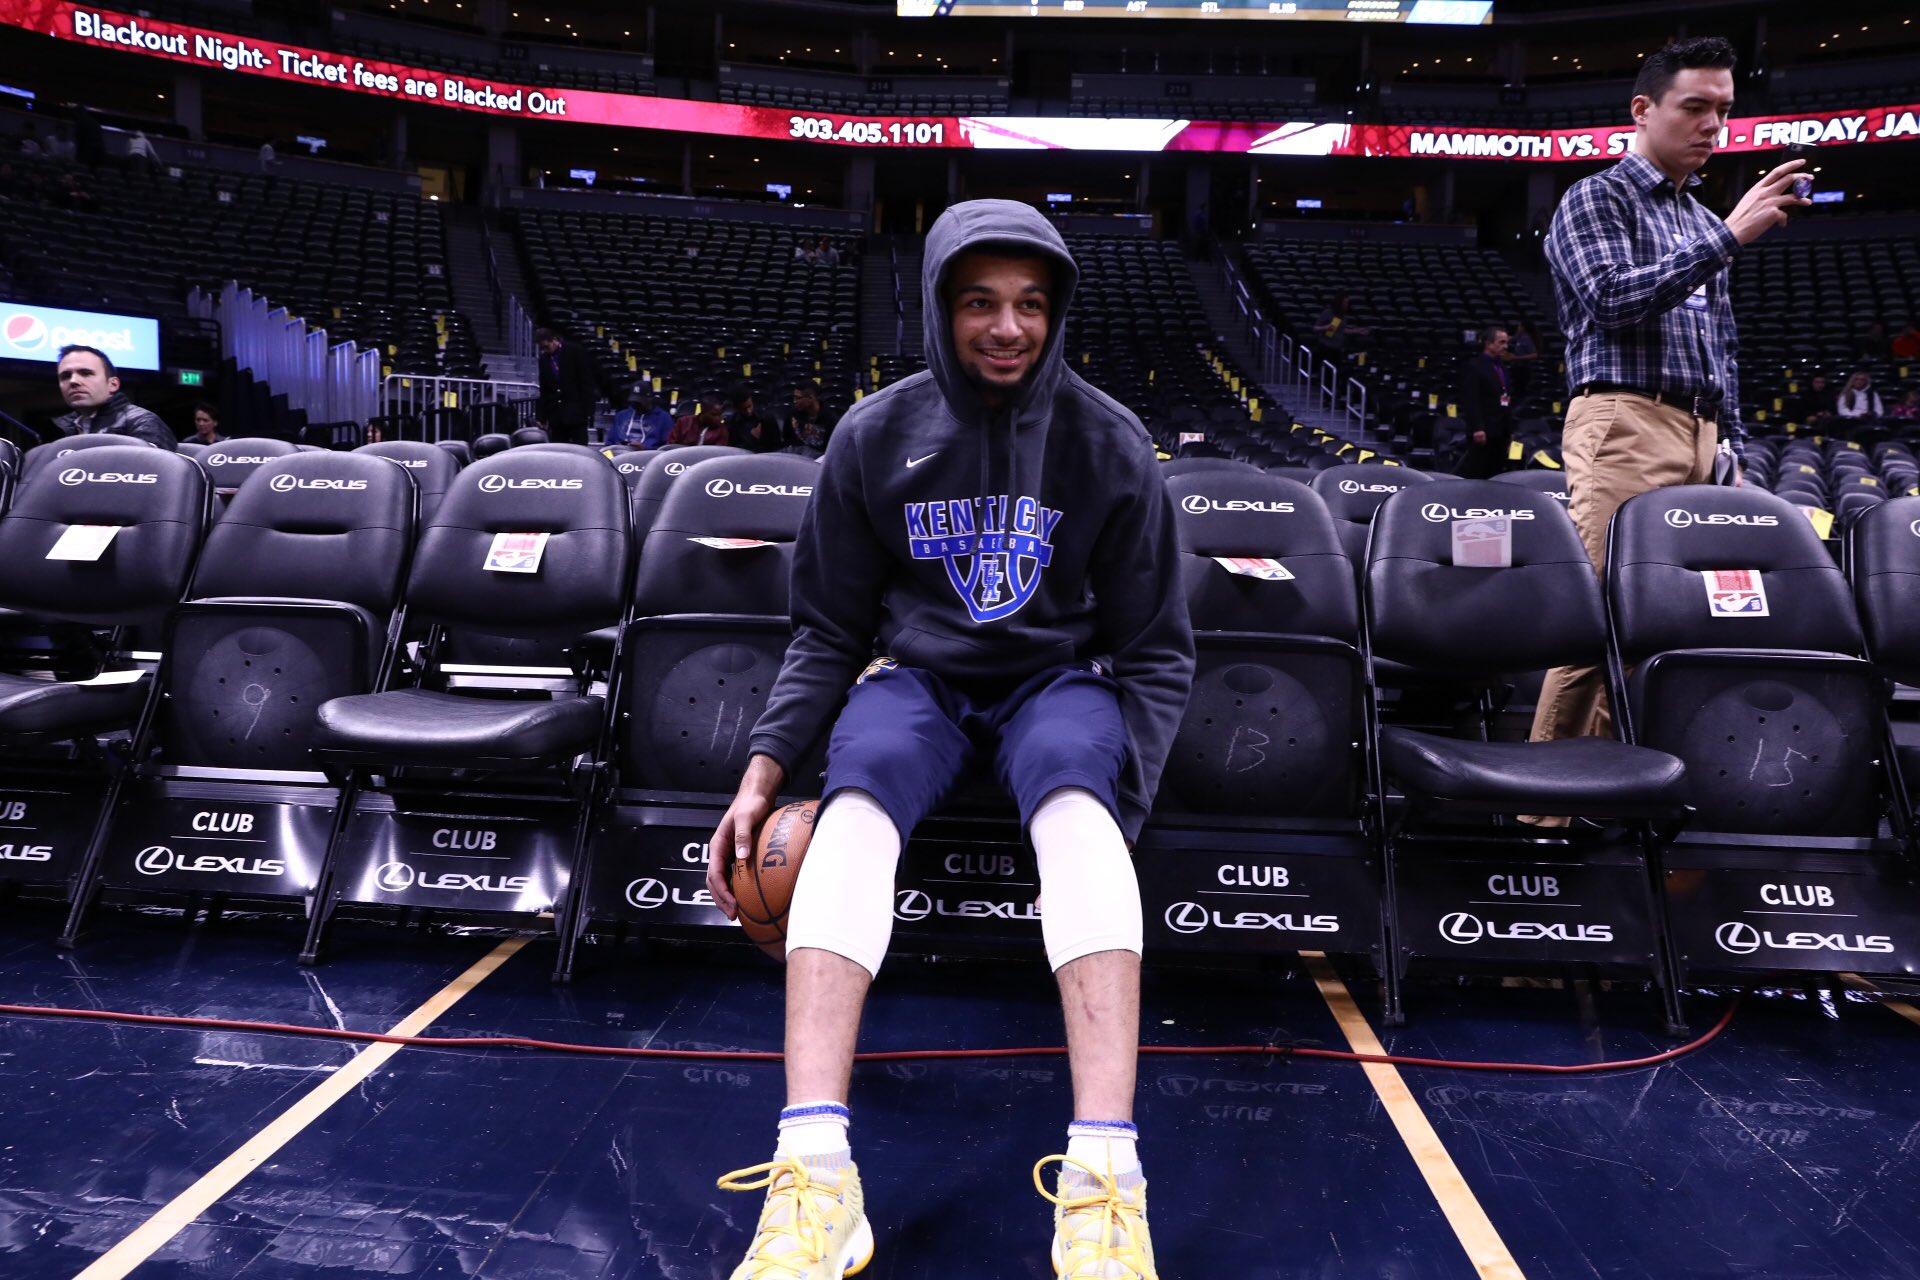 """贾马尔-默里穿印有""""肯塔基大学篮球""""字样的连帽衫热身"""